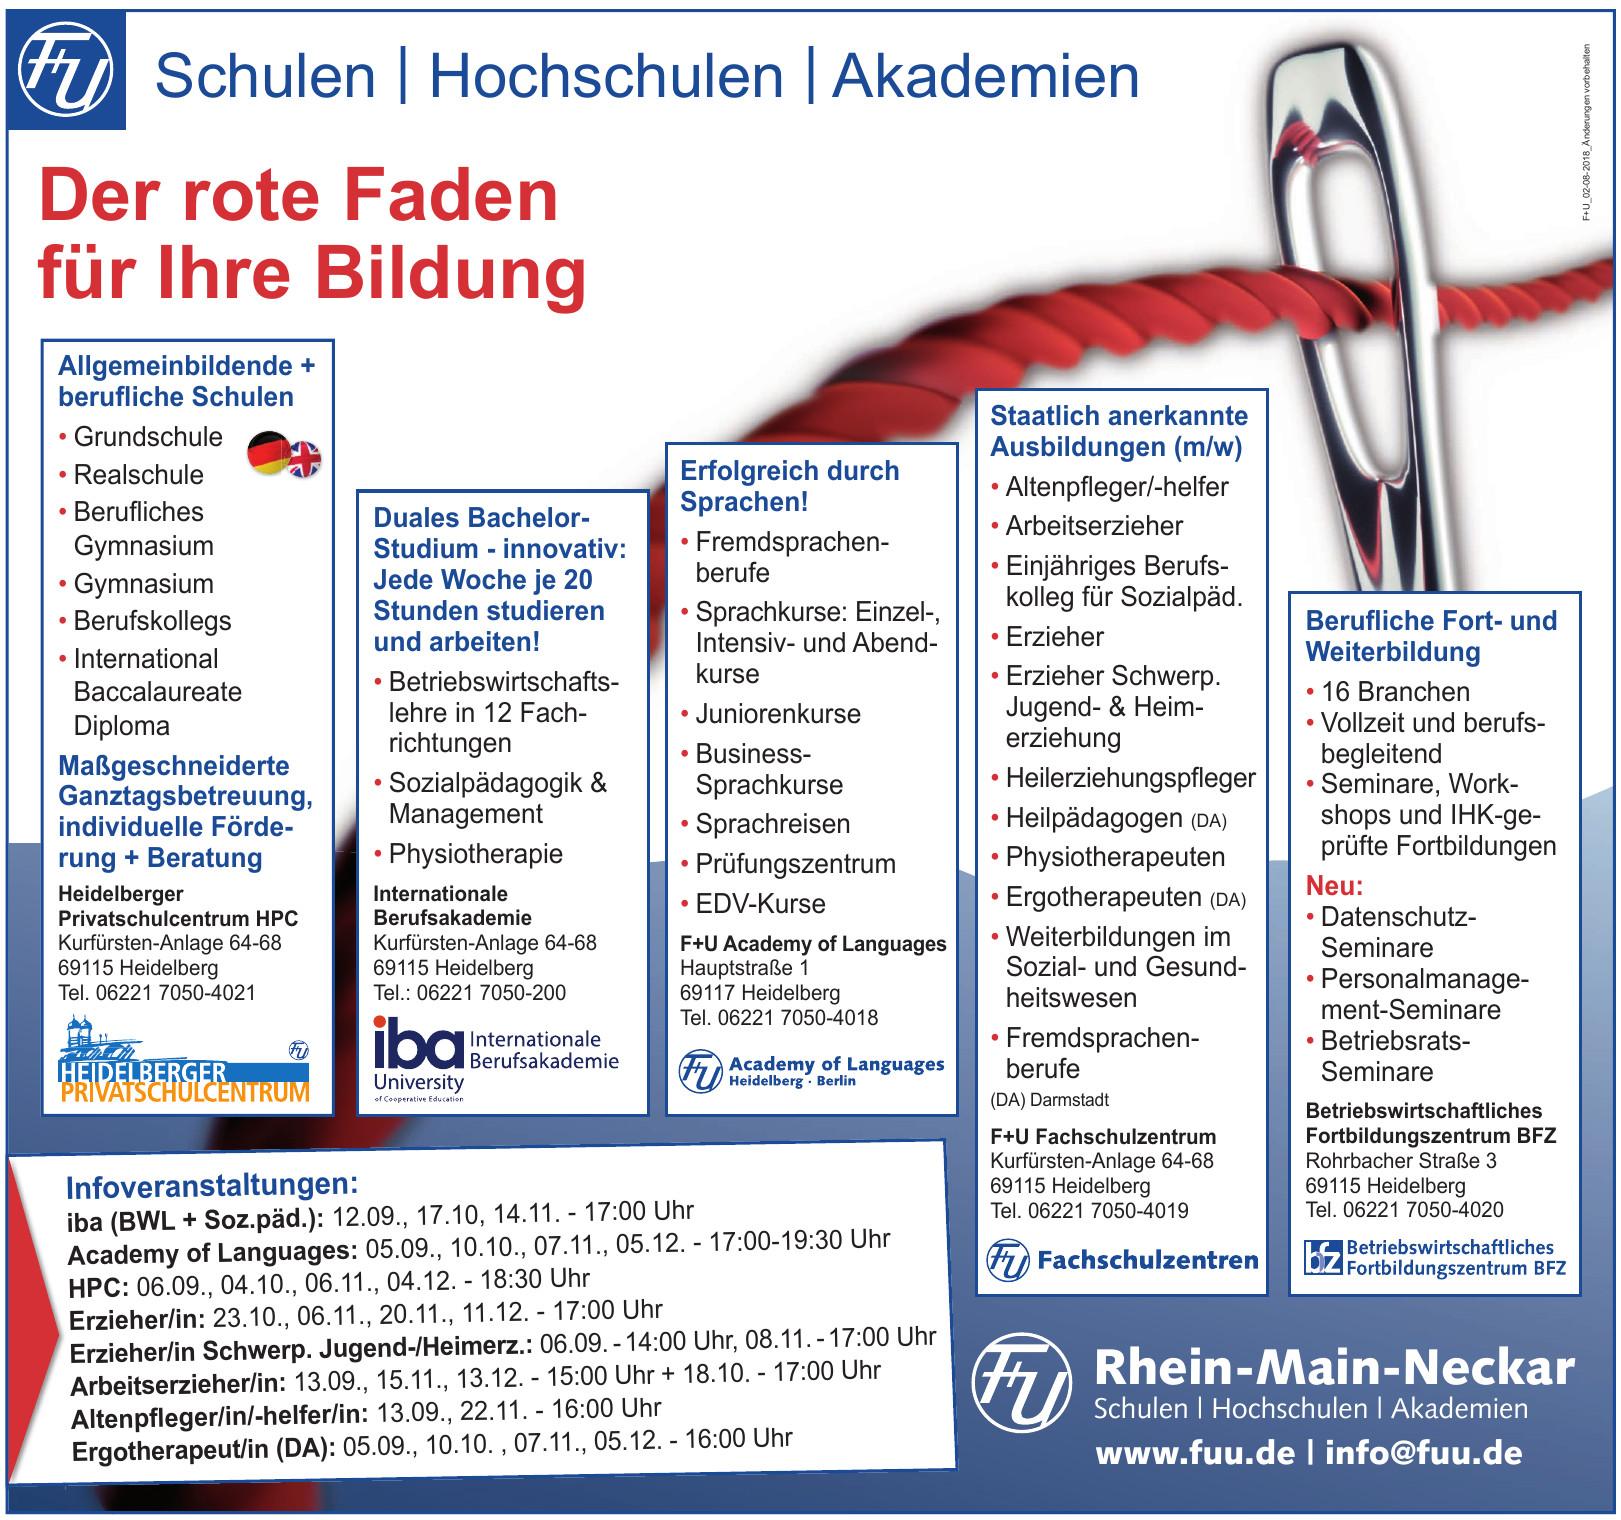 Rhein-Main-Neckar Schulen/Hochschulen/Akademien - Heidelberger Privatschulcentrum HPC